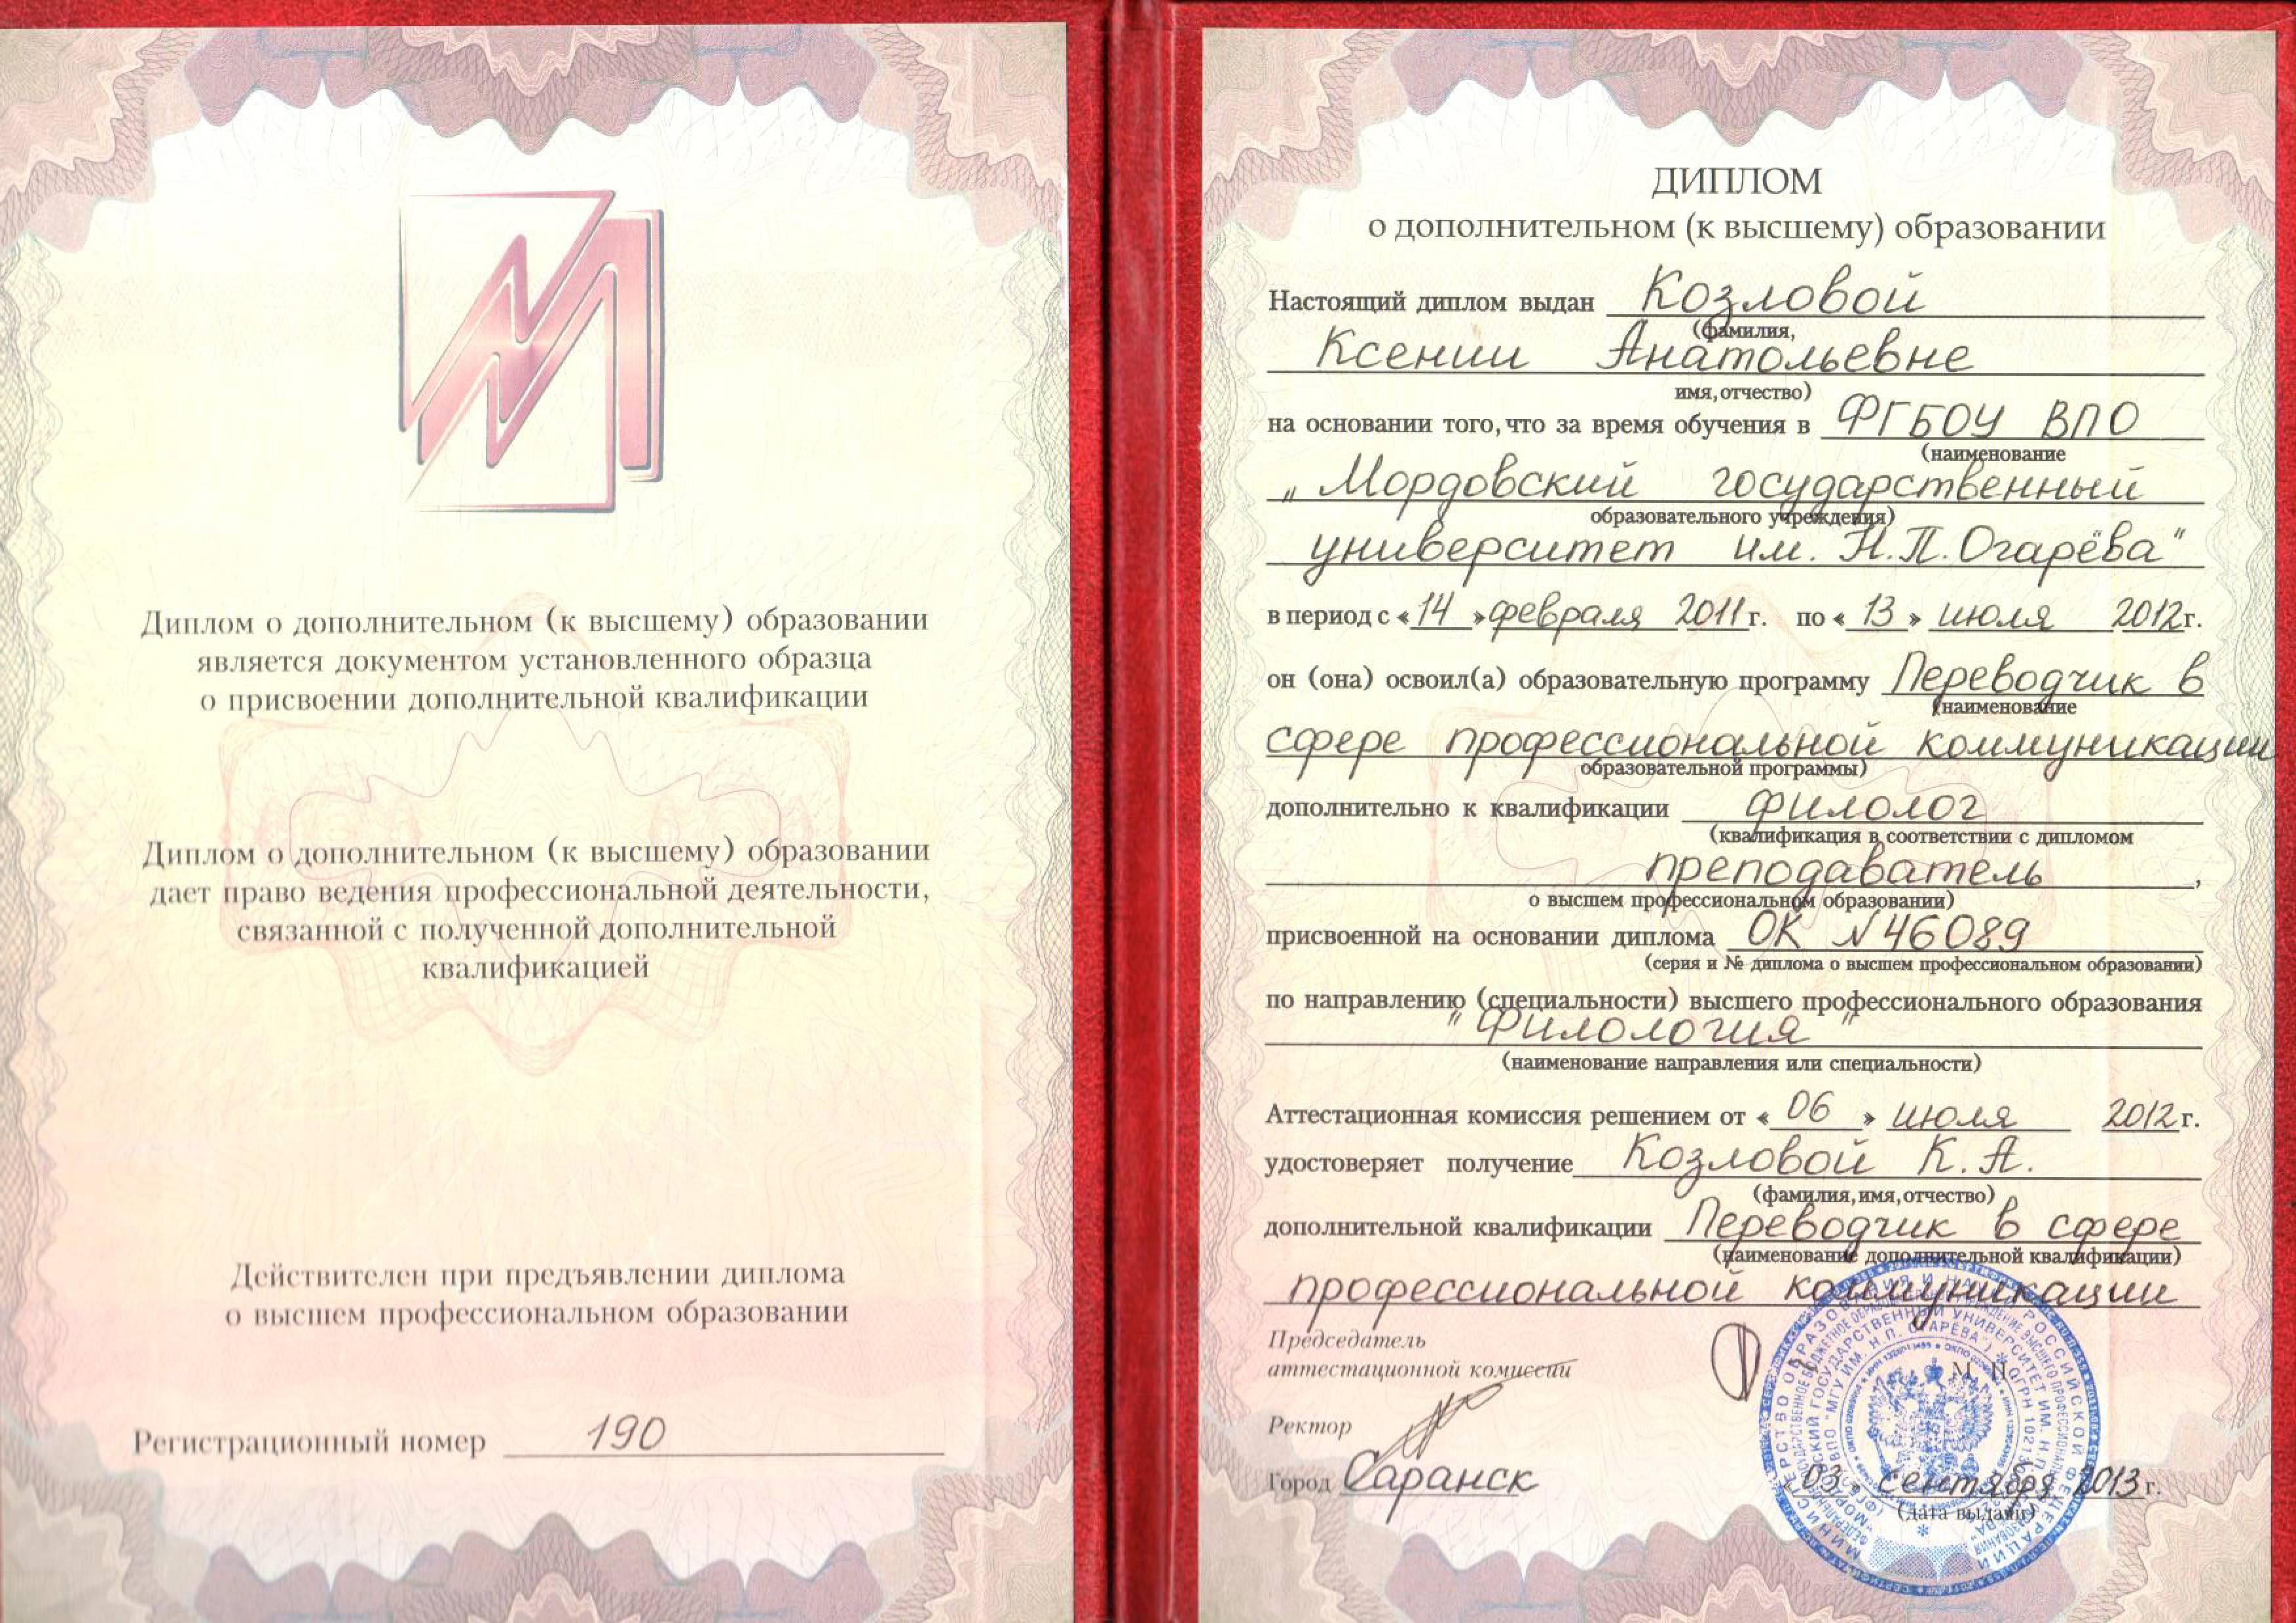 Работа врачом в испании в 2021 году: подтверждение диплома, ординатура